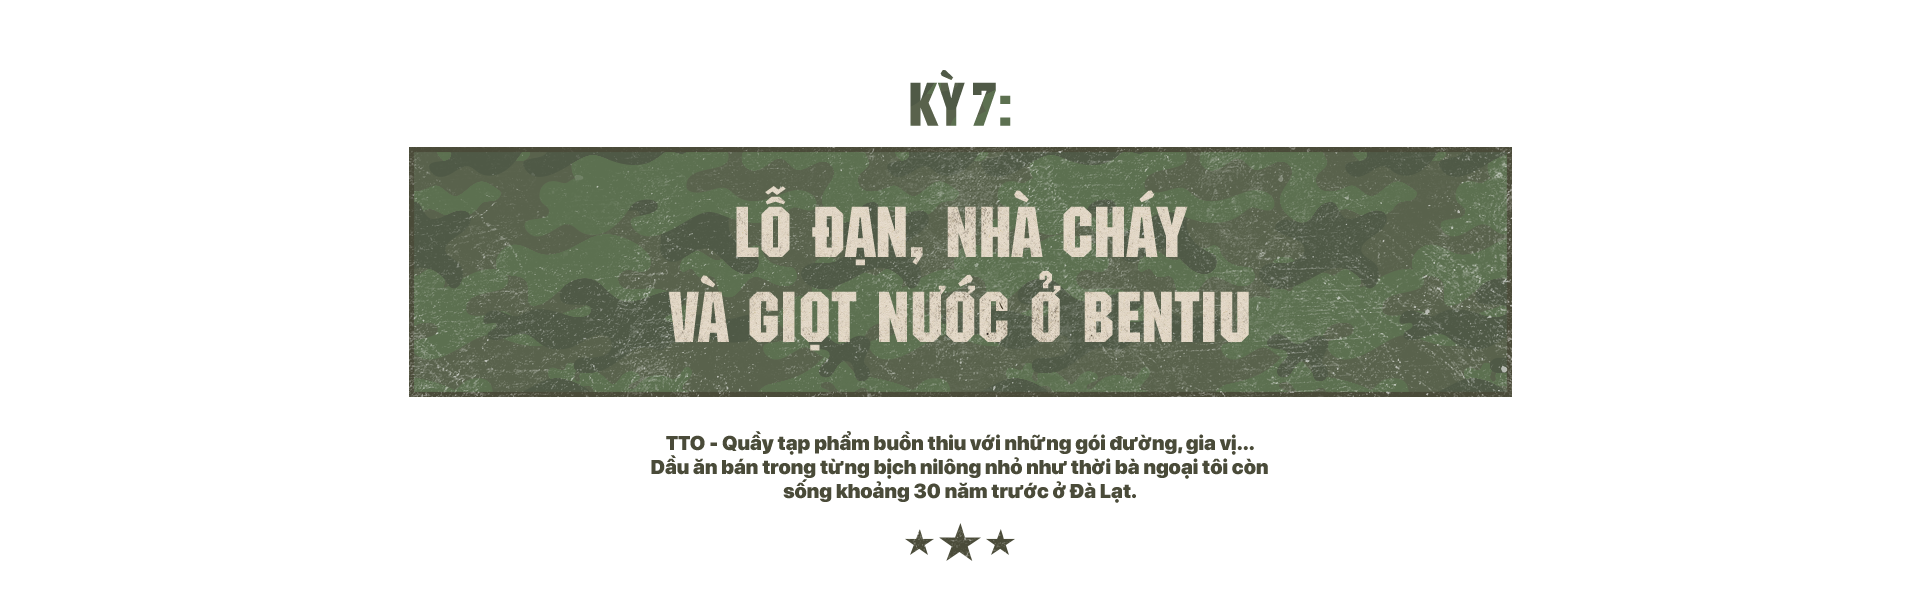 Kỳ 7: Lỗ đạn, nhà cháy và giọt nước ở Bentiu - Ảnh 1.